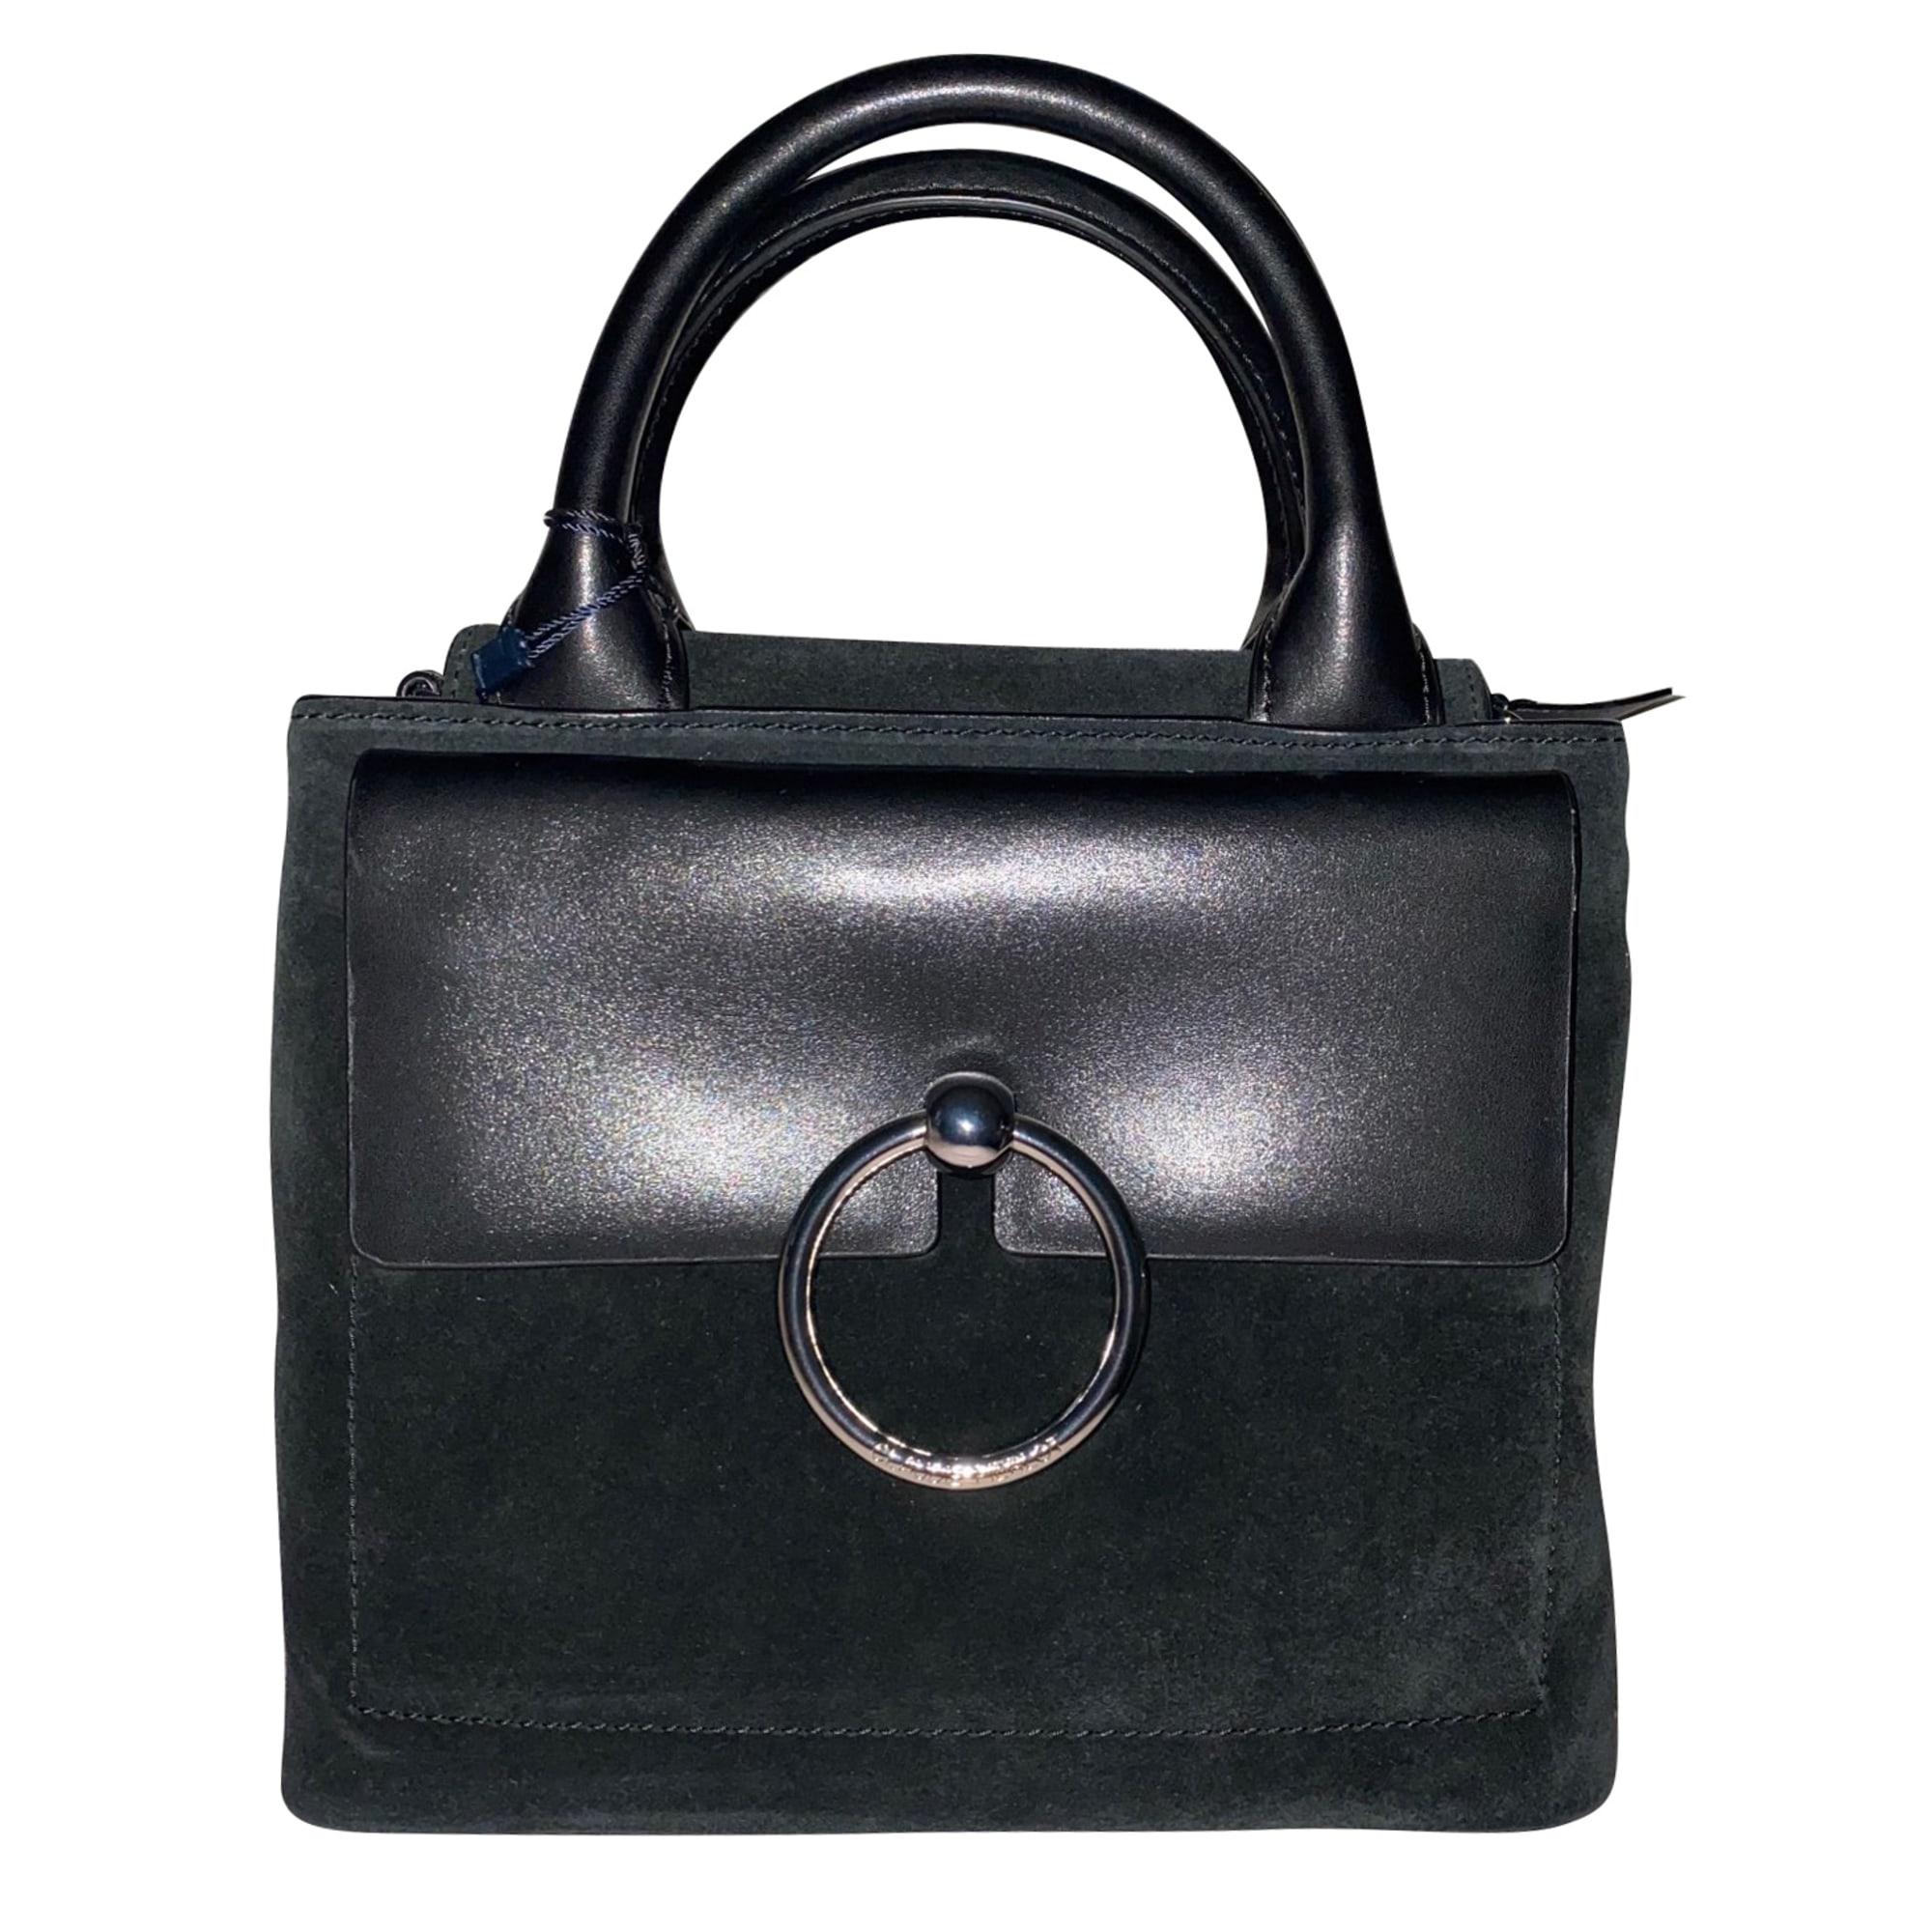 Leather Shoulder Bag CLAUDIE PIERLOT Black